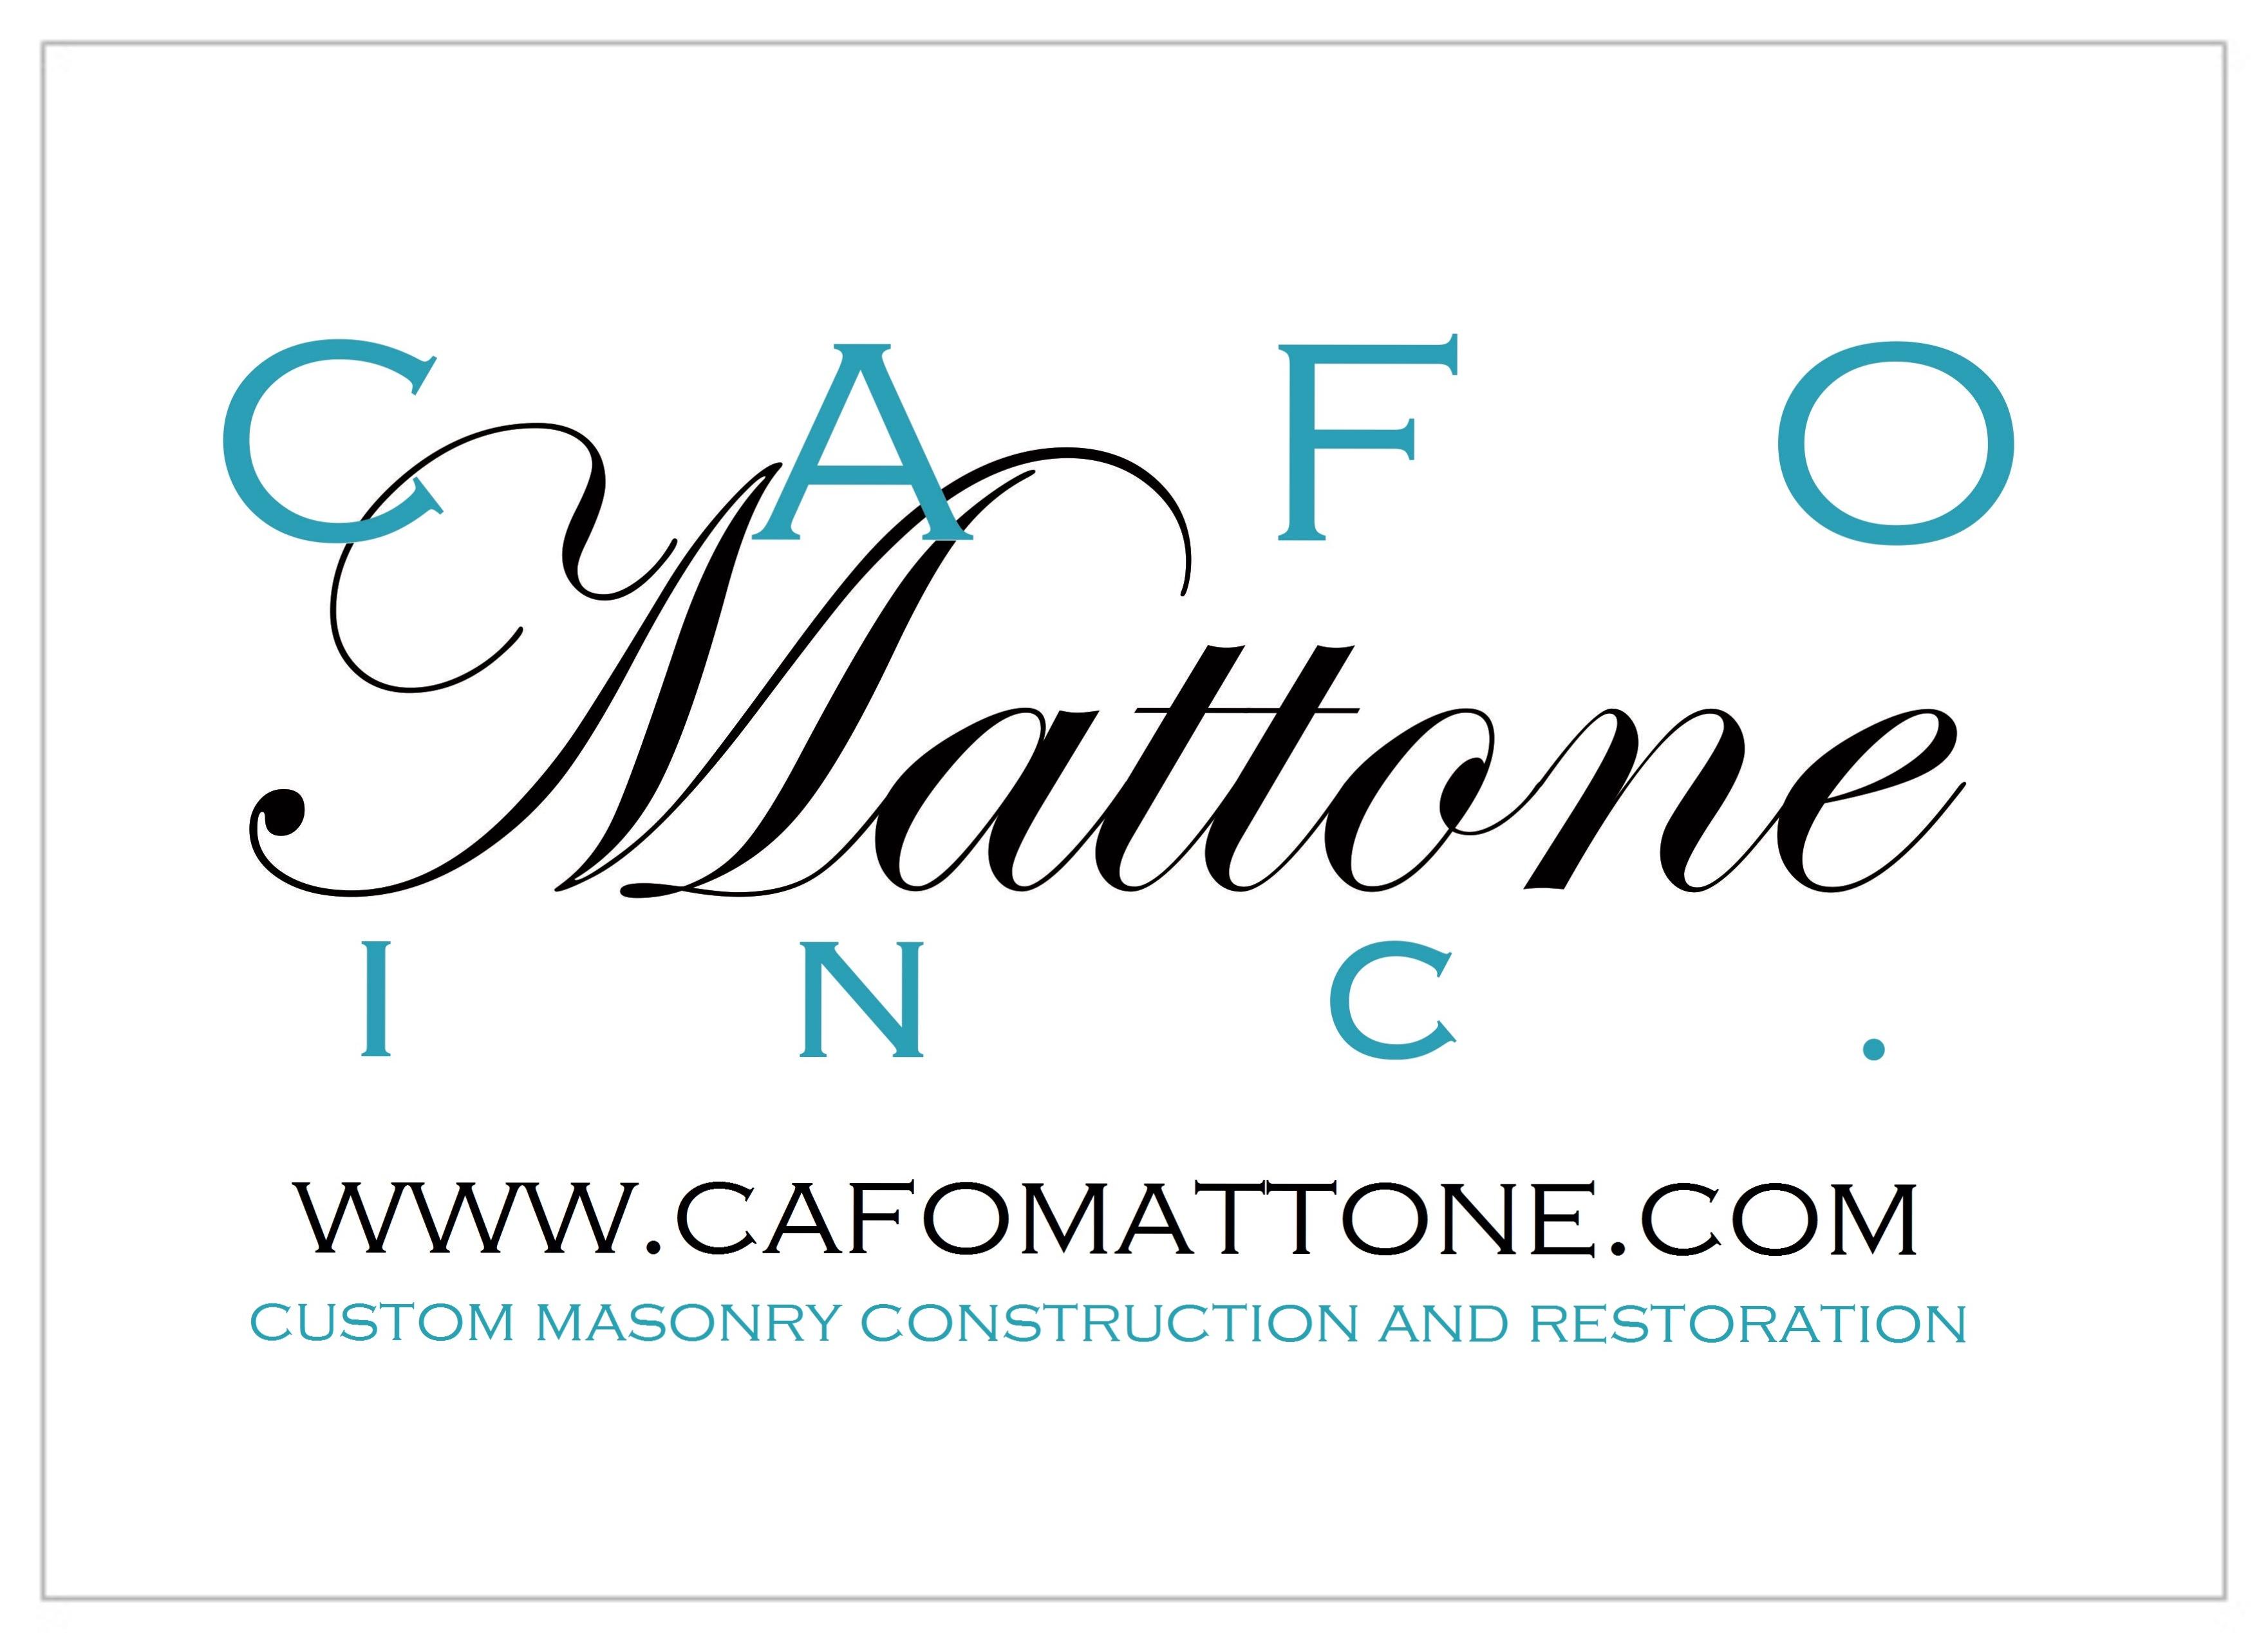 Cafo Mattone